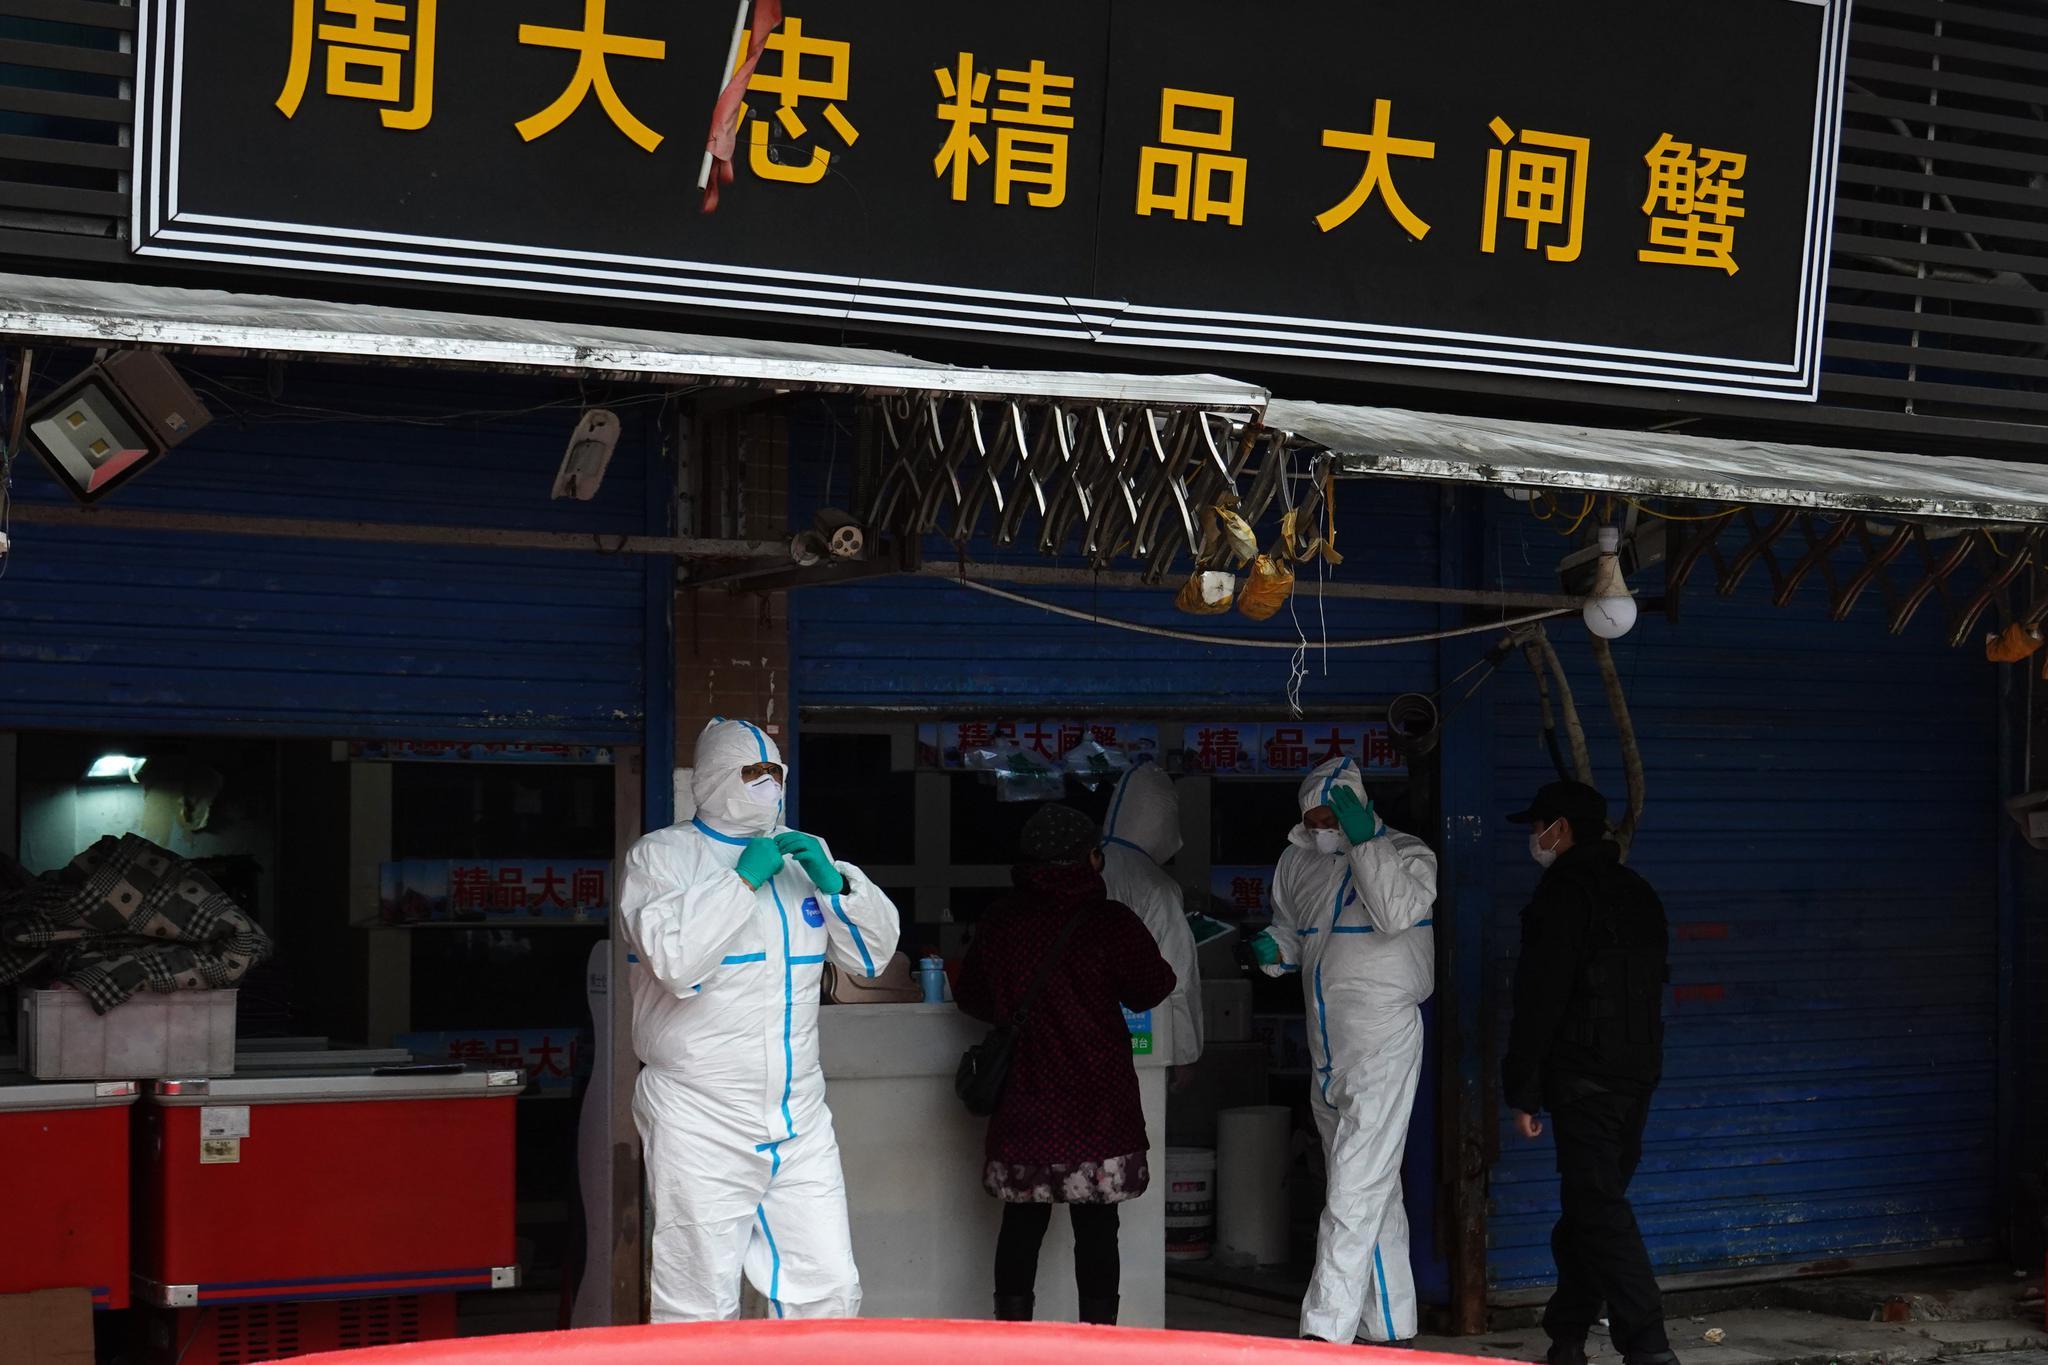 探访华南海鲜市场:有商户聚集现场领取政府补贴图片